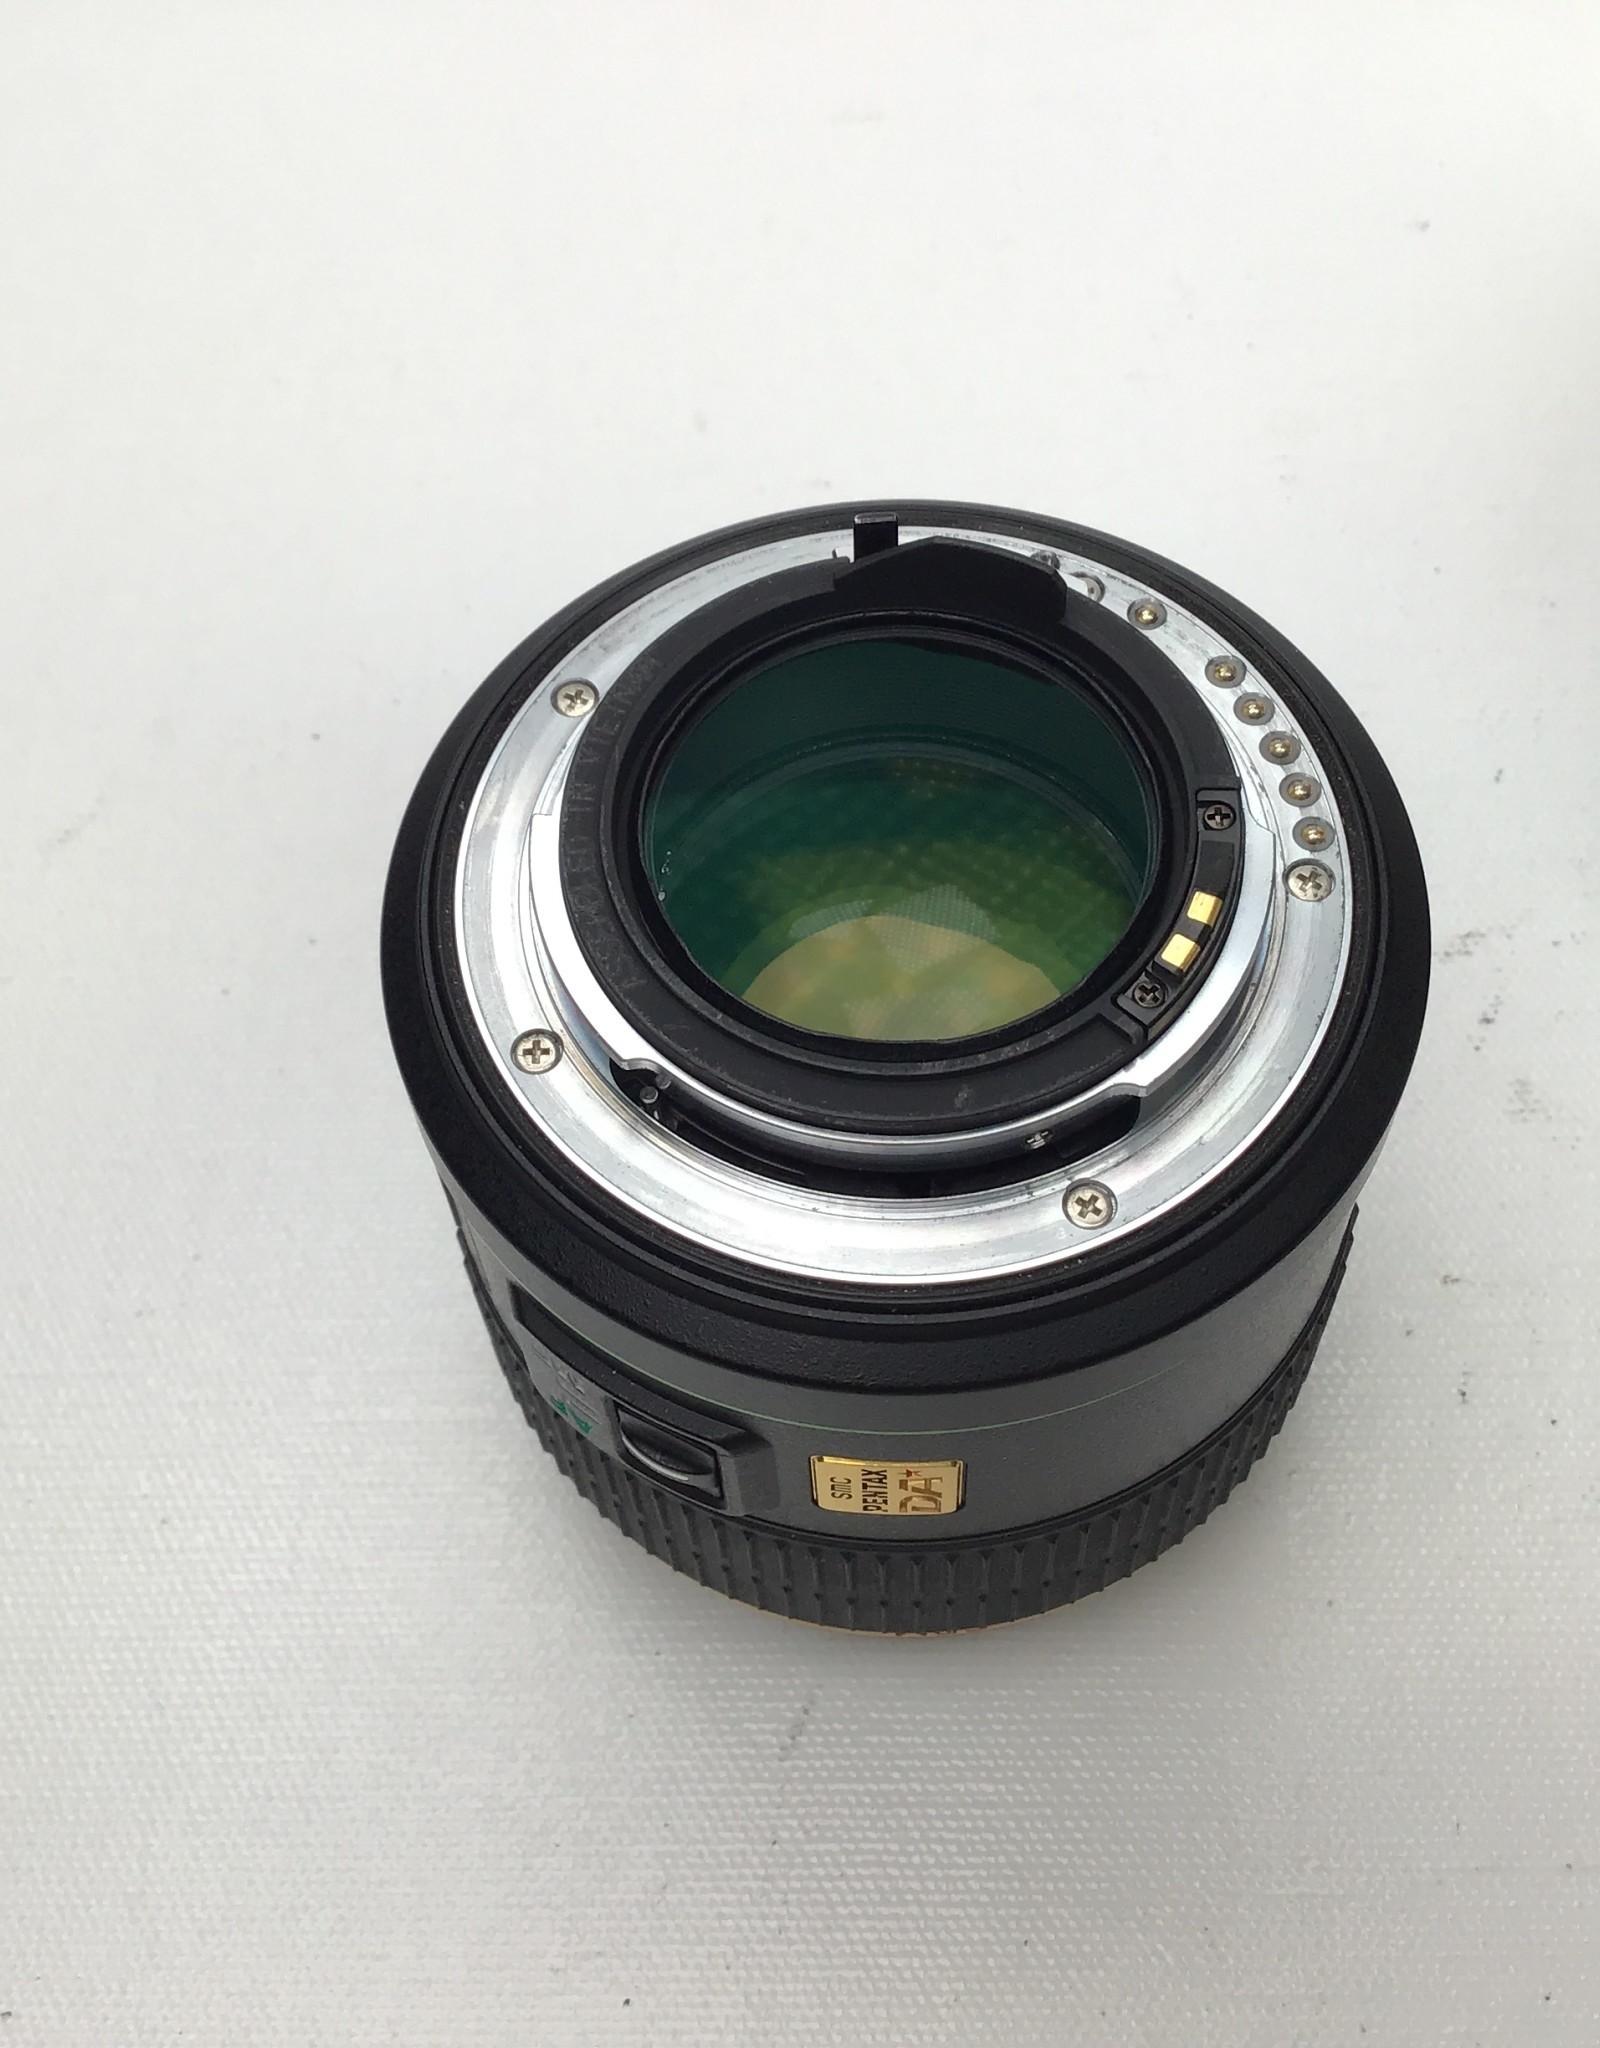 Pentax Pentax SMC  DA* 55mm f1.4 SDM Lens Used EX